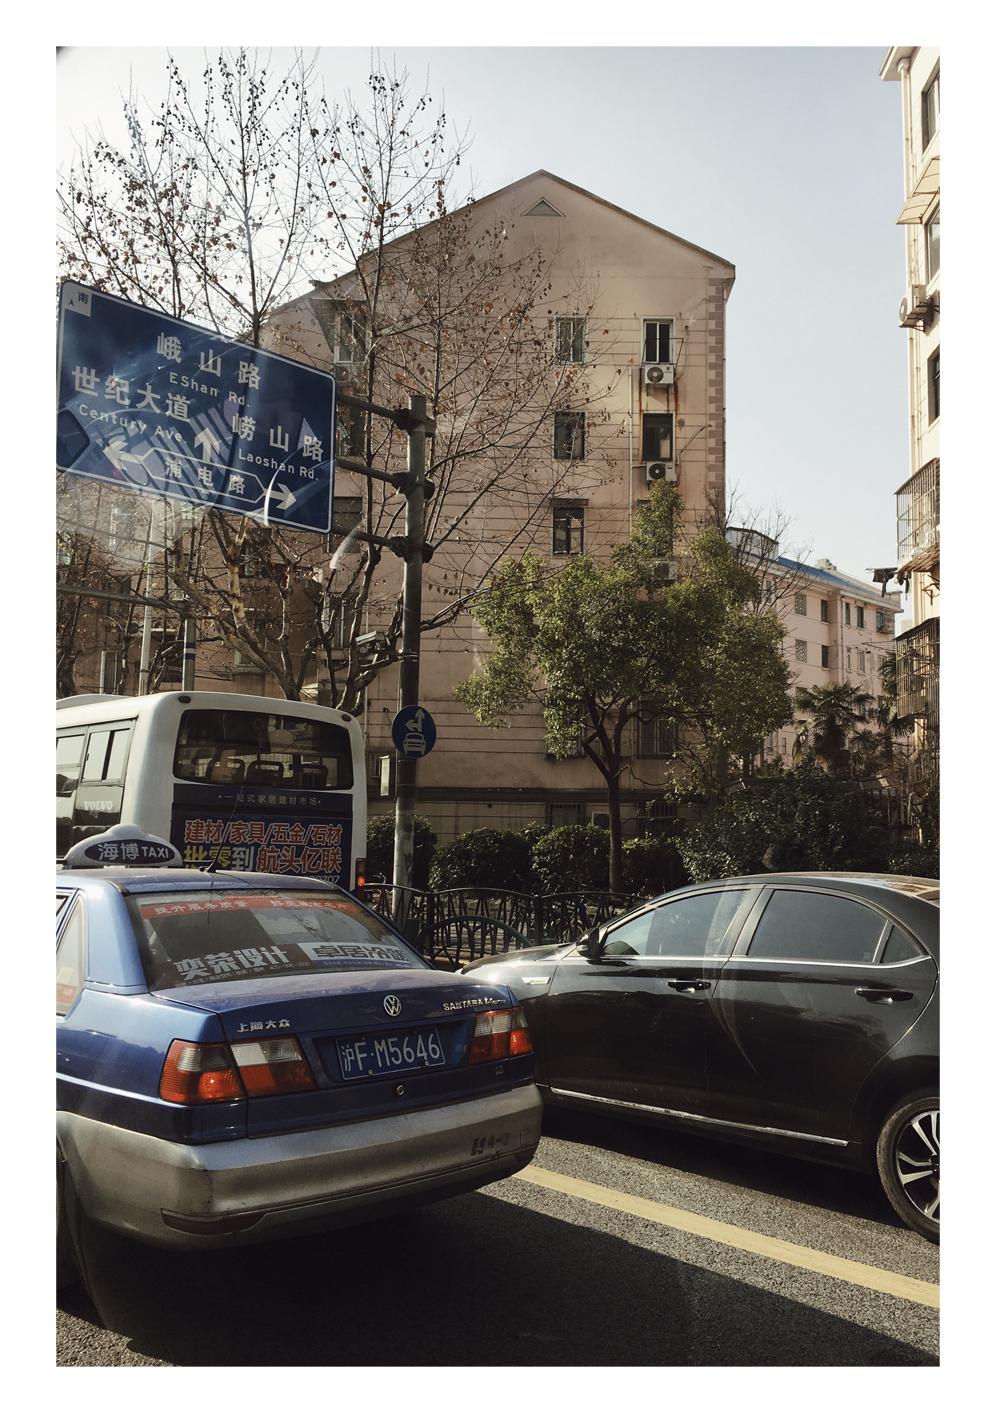 Shanghai_by_Amelie_Niederbuchner_8, Shanghai, Visual Diary, shot by Amelie Niederbuchner, photographer, Munich, Fotografin München